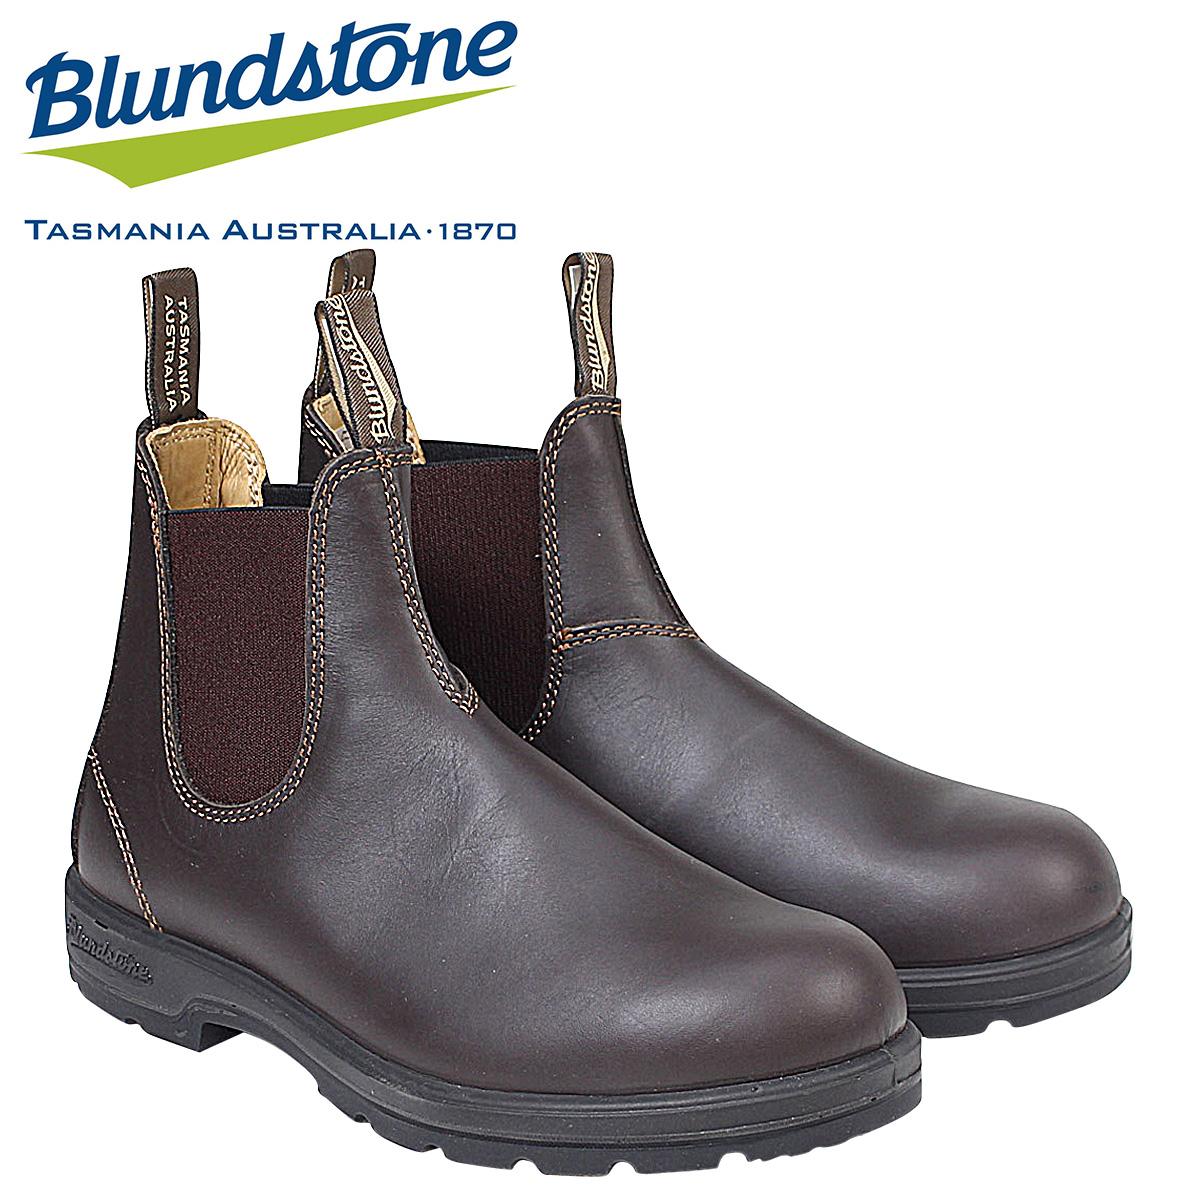 Blundstone ブランドストーン サイドゴア メンズ 550 ブーツ CLASSIC COMFORT ブラウン